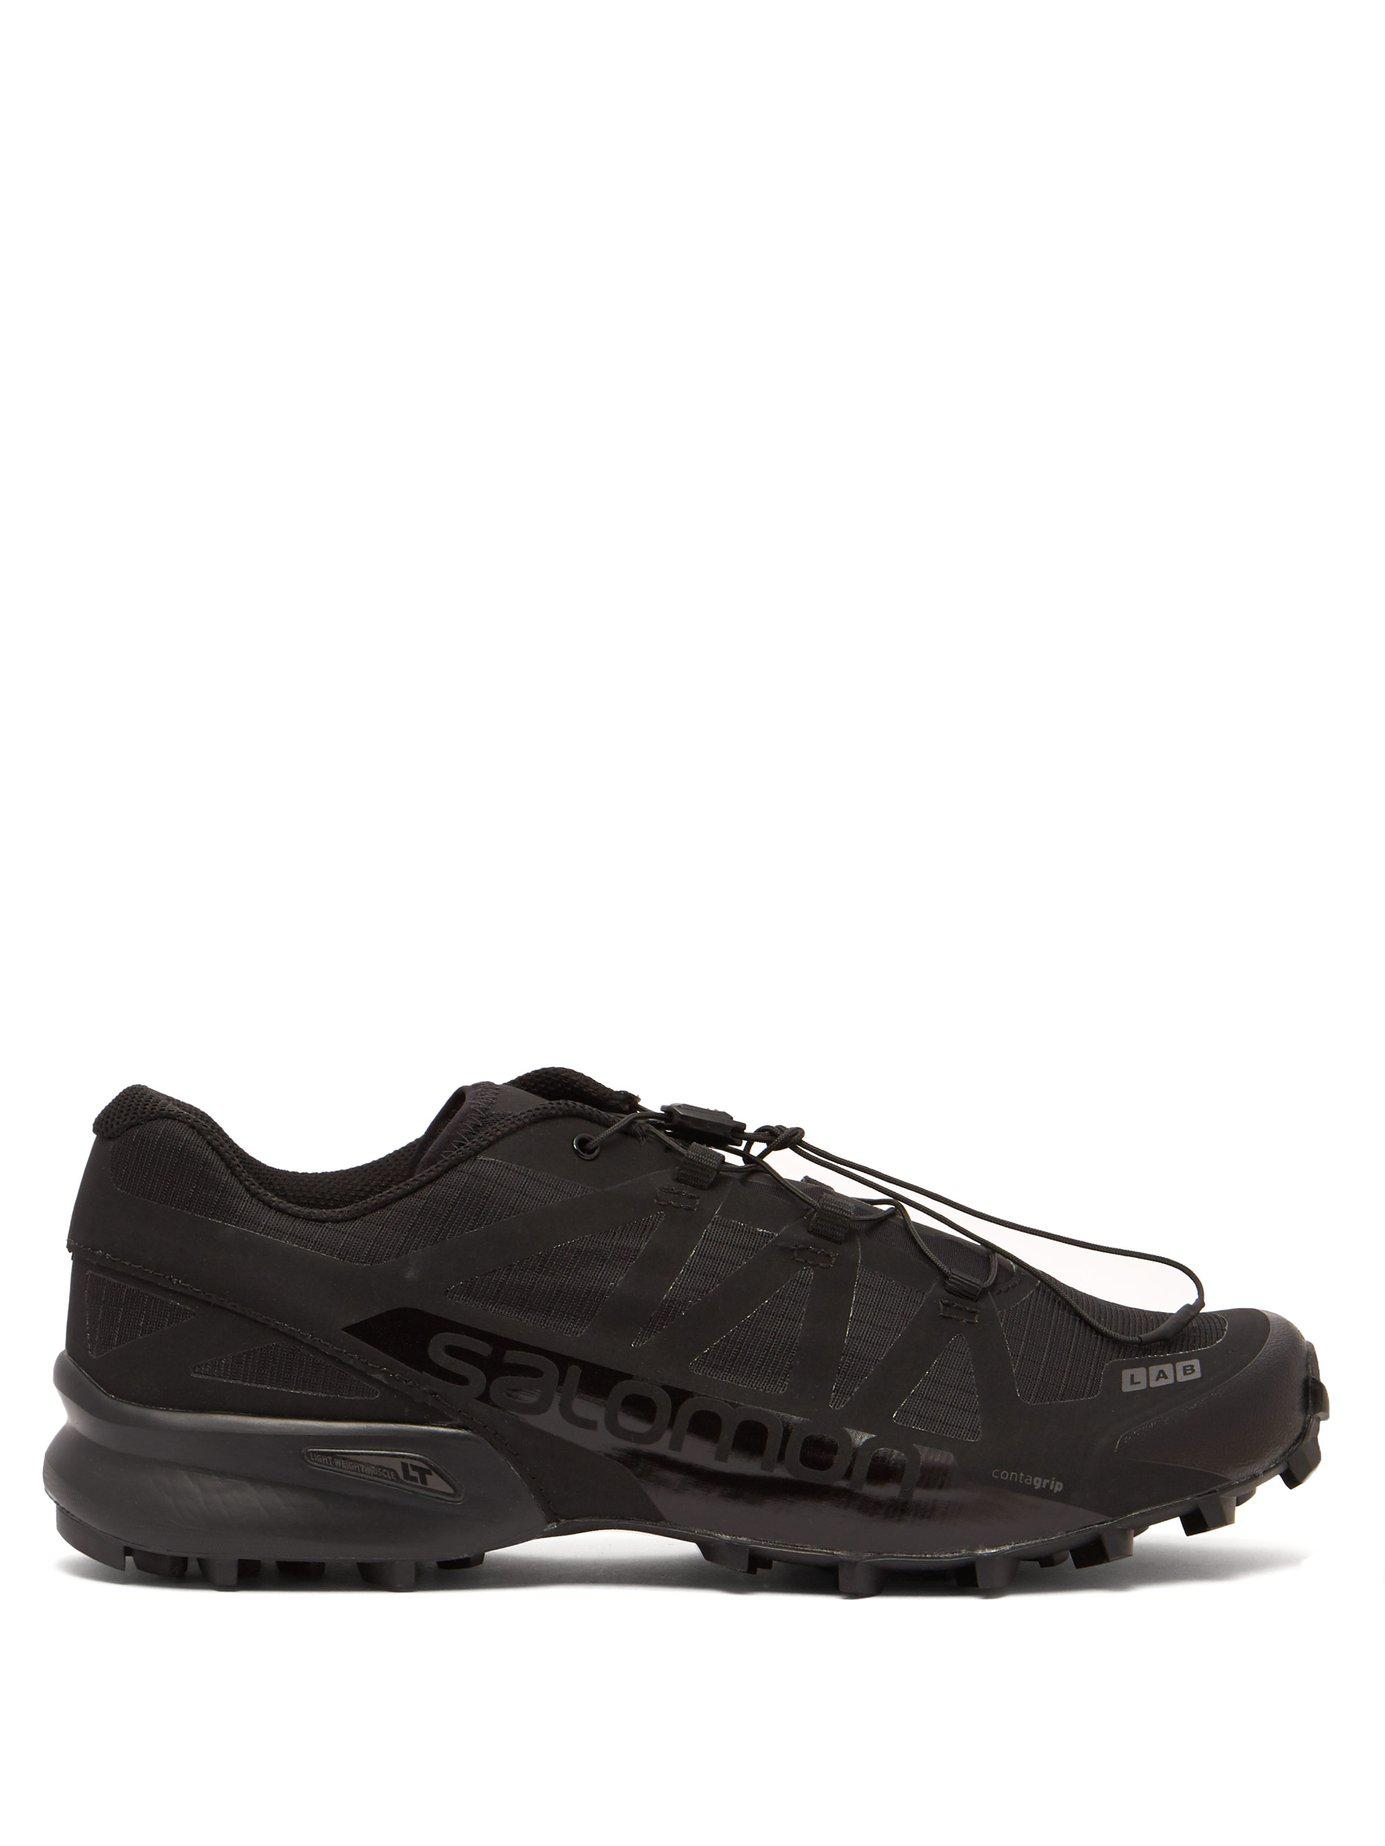 eb7b4b212e58 Lyst - Yves Salomon S lab Speedcross Ltd in Black for Men